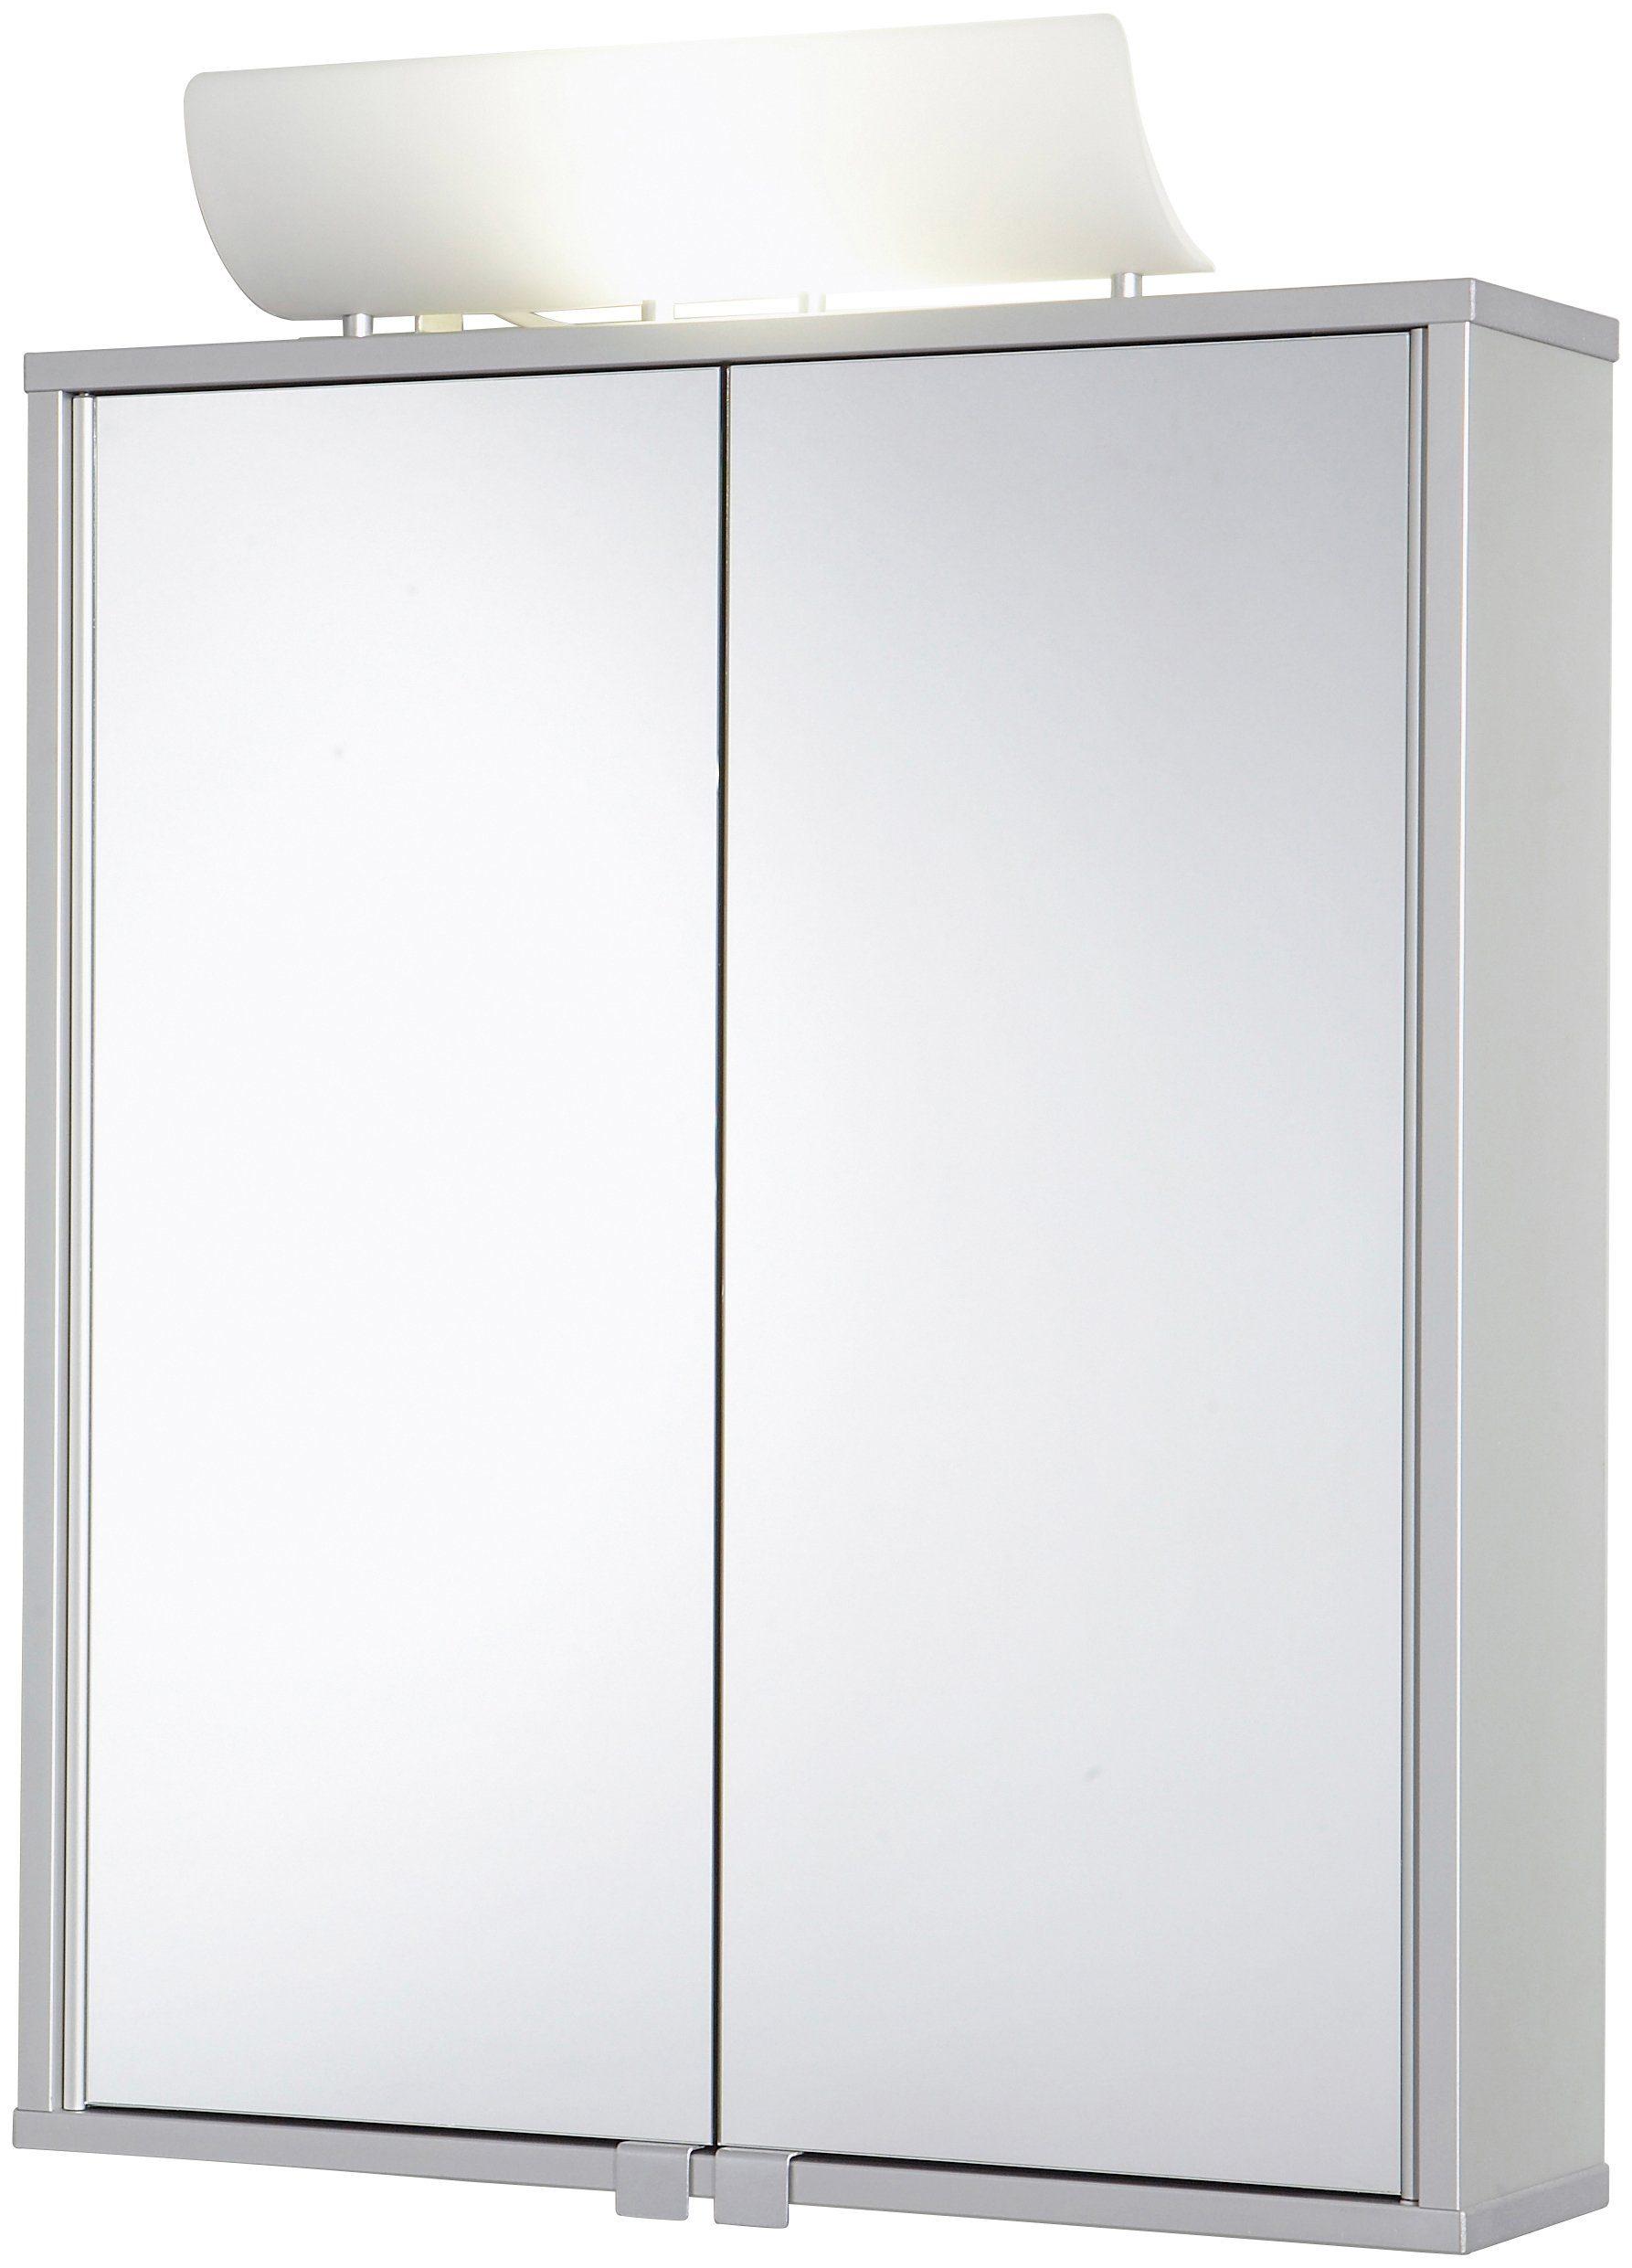 Jokey Spiegelschrank »Alusmart« Breite 60 cm, mit Beleuchtung